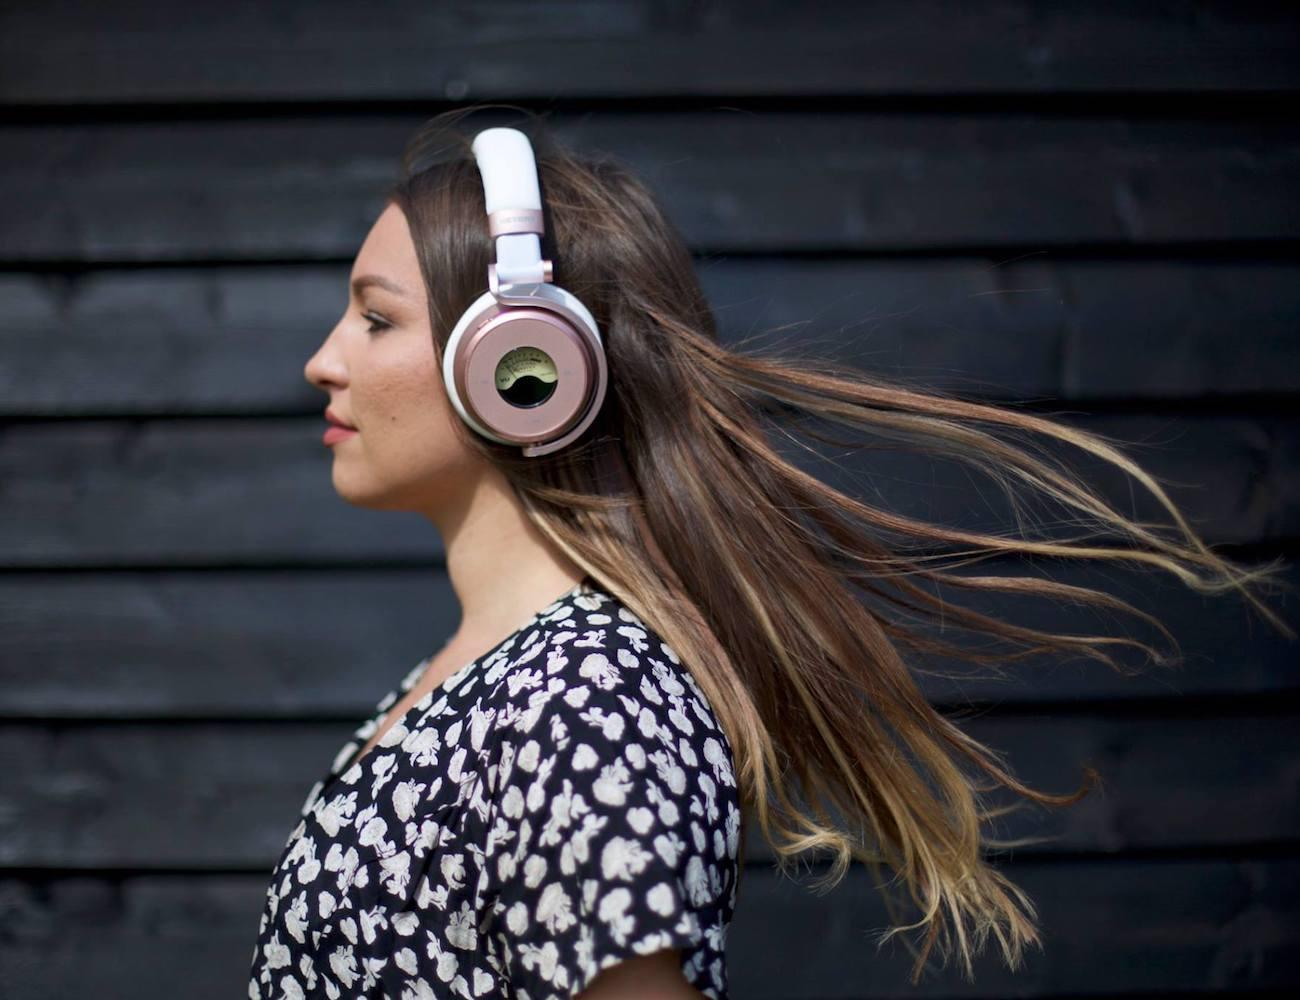 Meters OV-1B Luxury Over-Ear Headphones